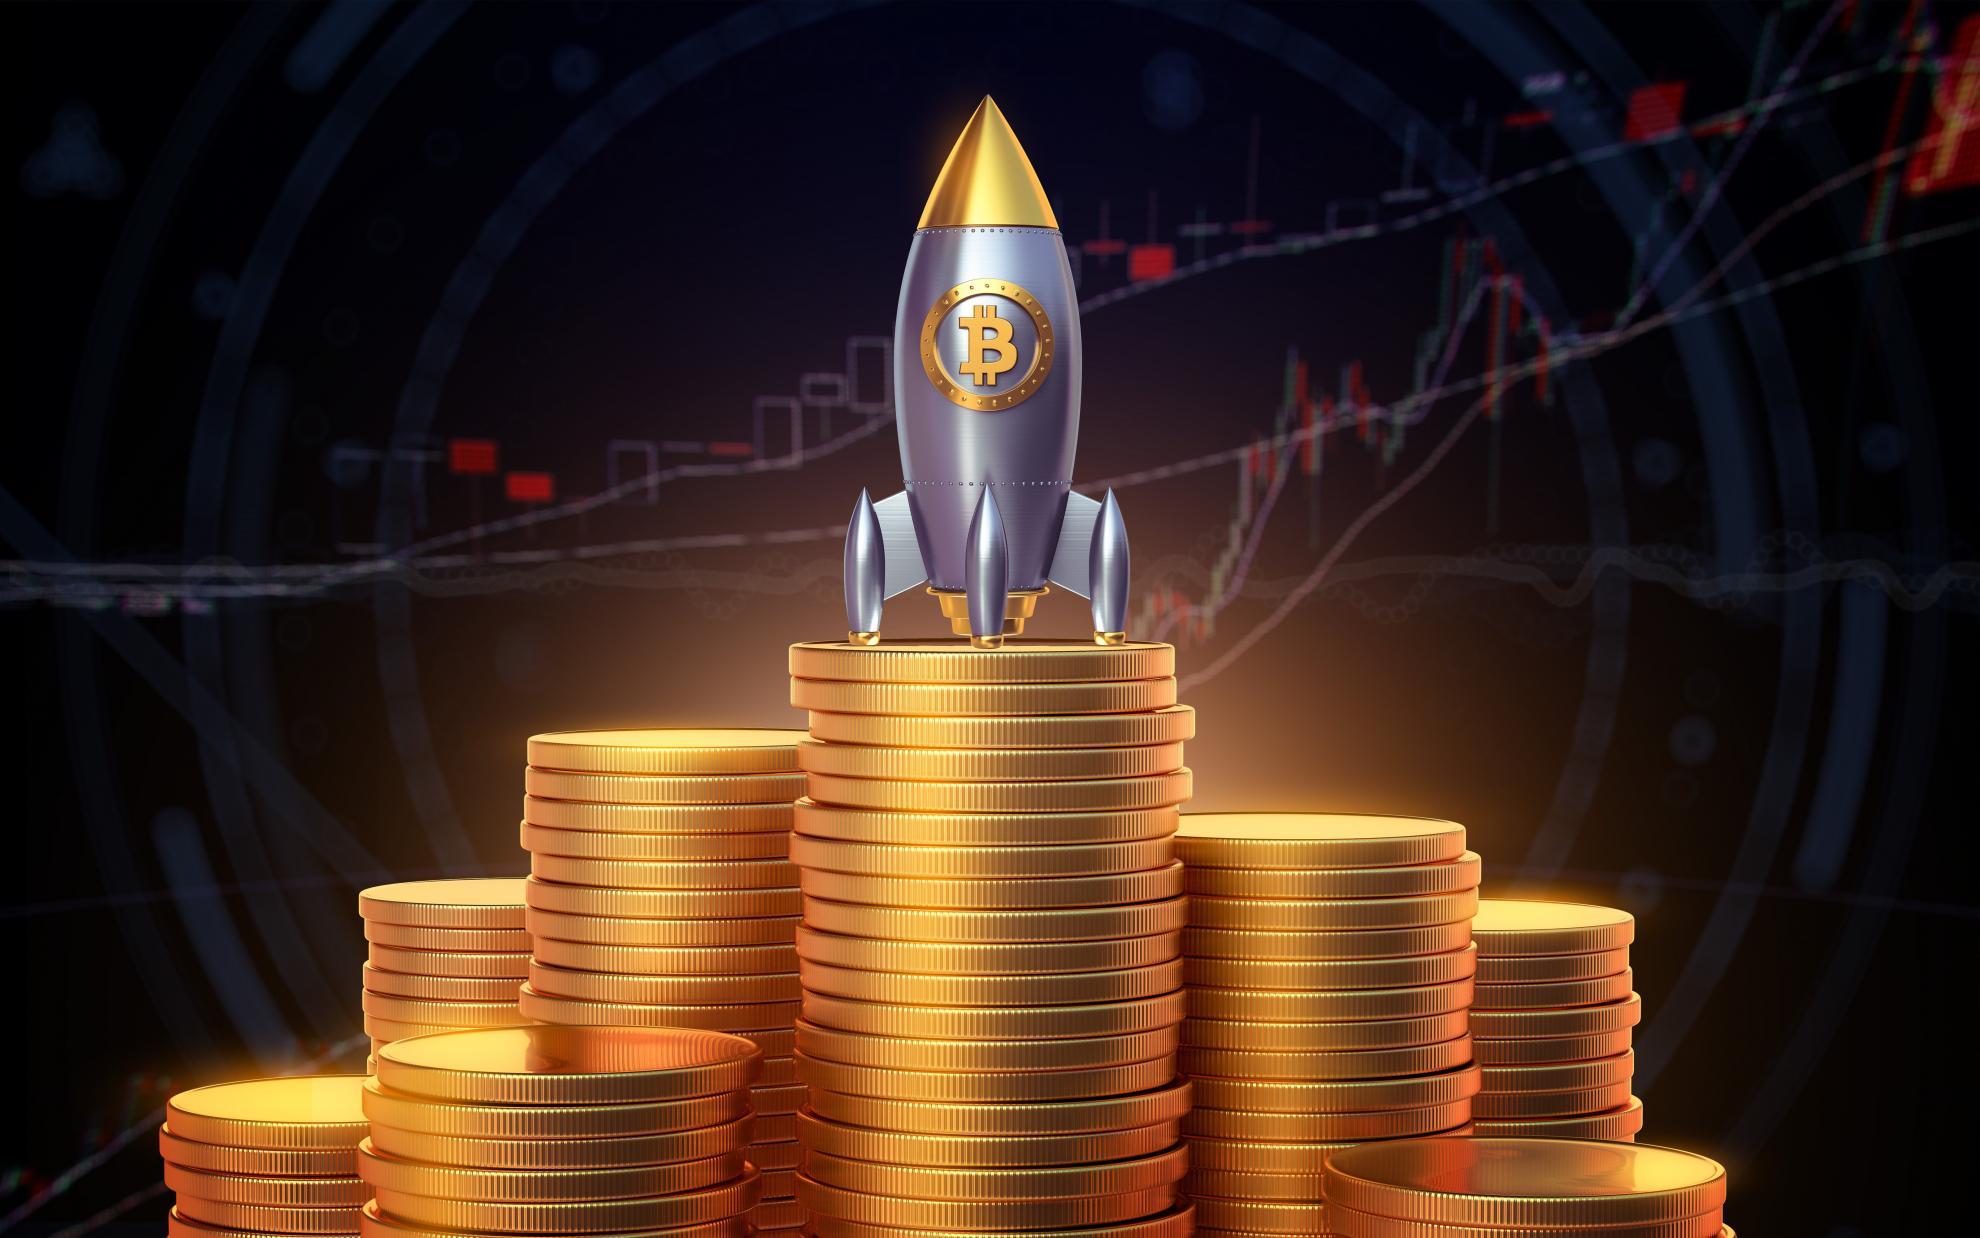 Glassnode: признаки кризиса предложения и ликвидности биткоина